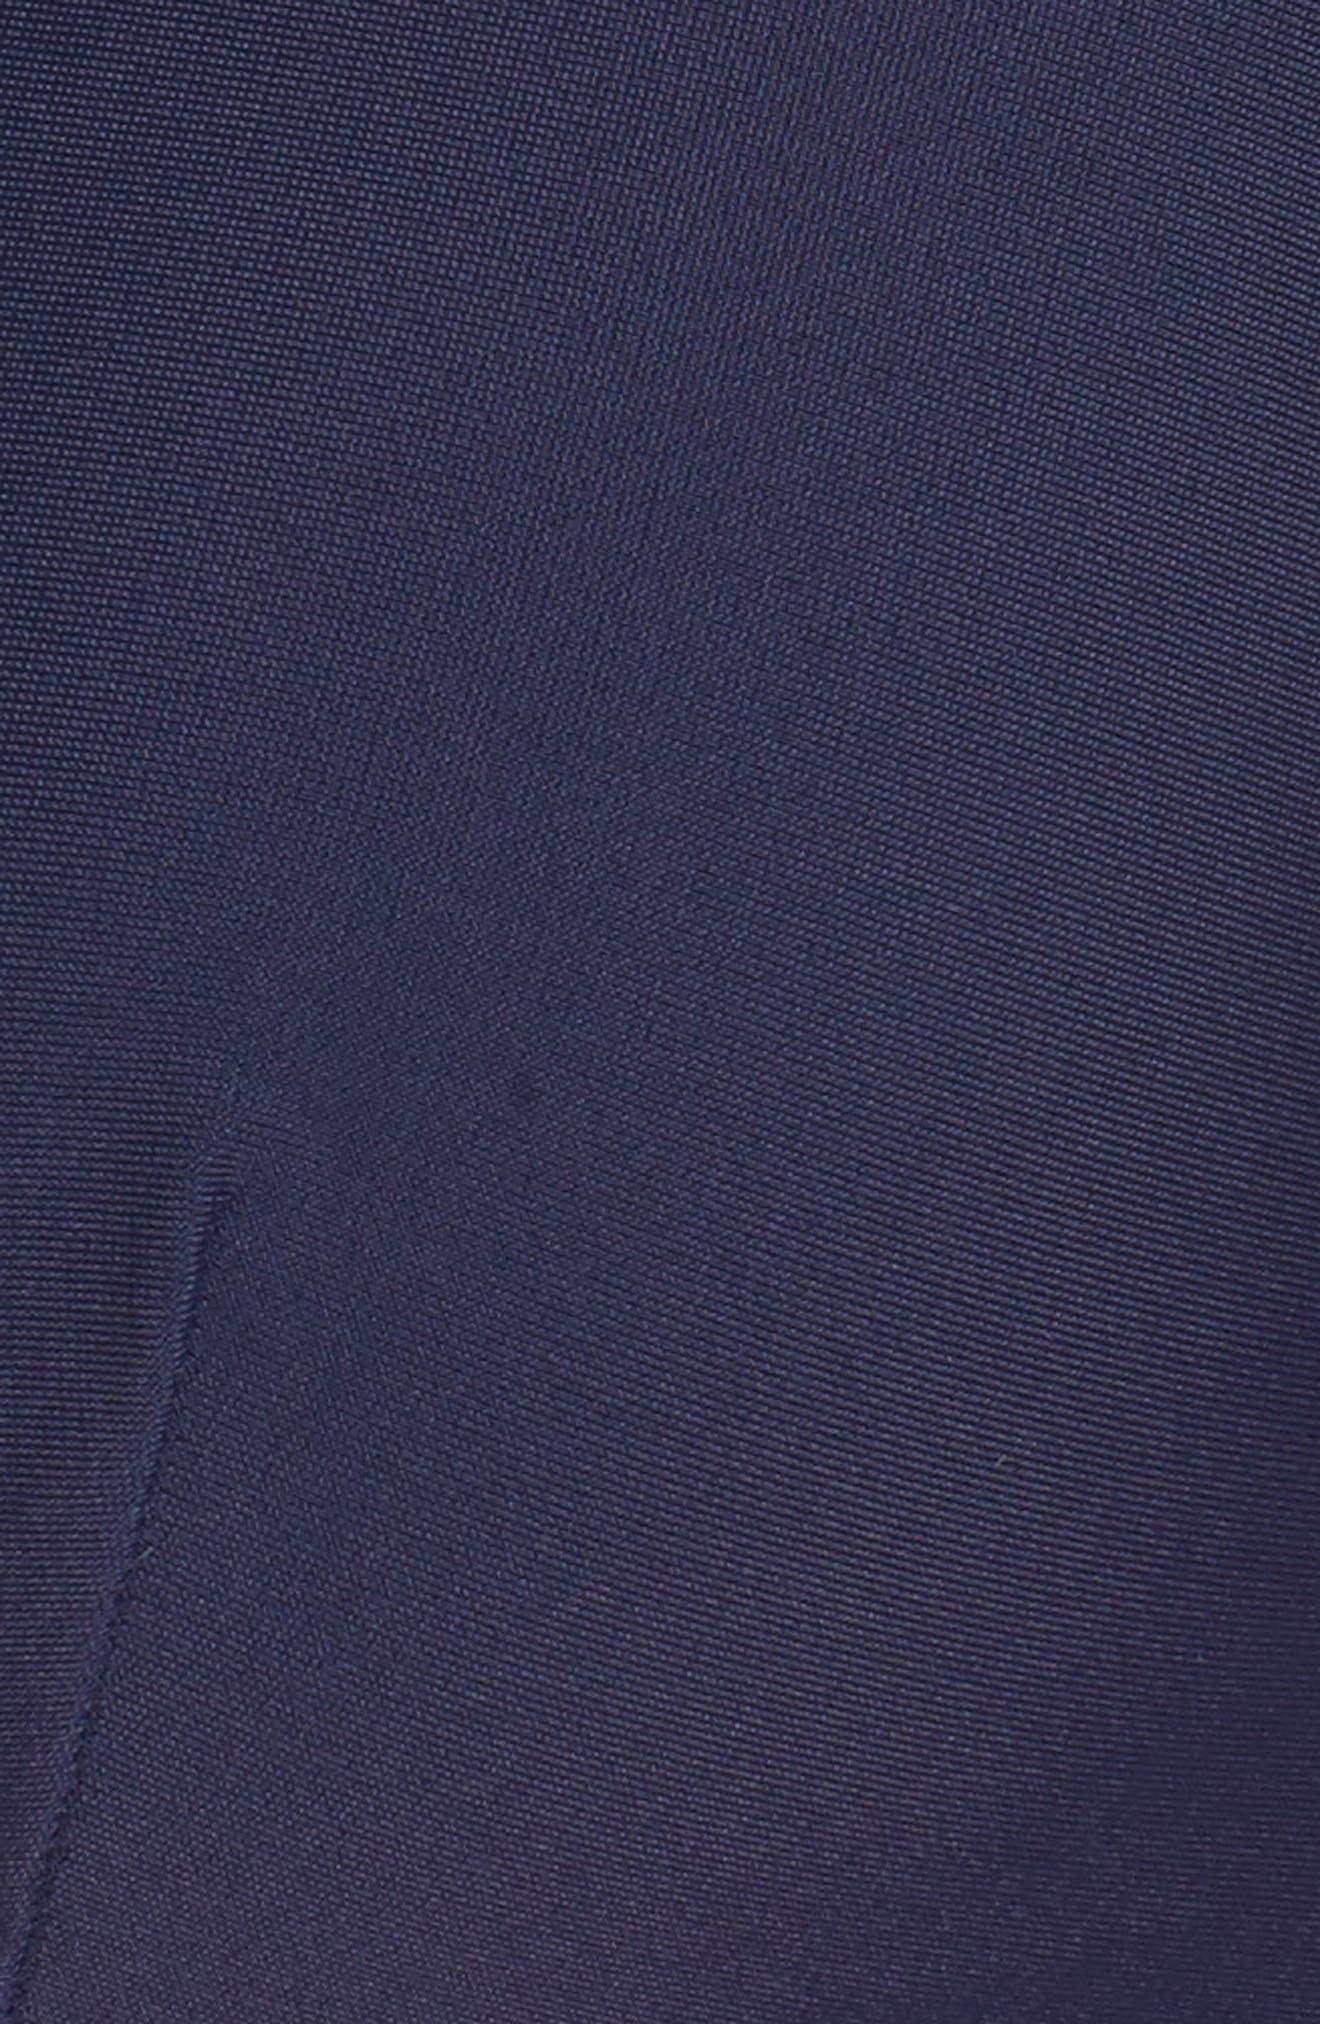 Mesh Inset Bikini Top,                             Alternate thumbnail 5, color,                             410